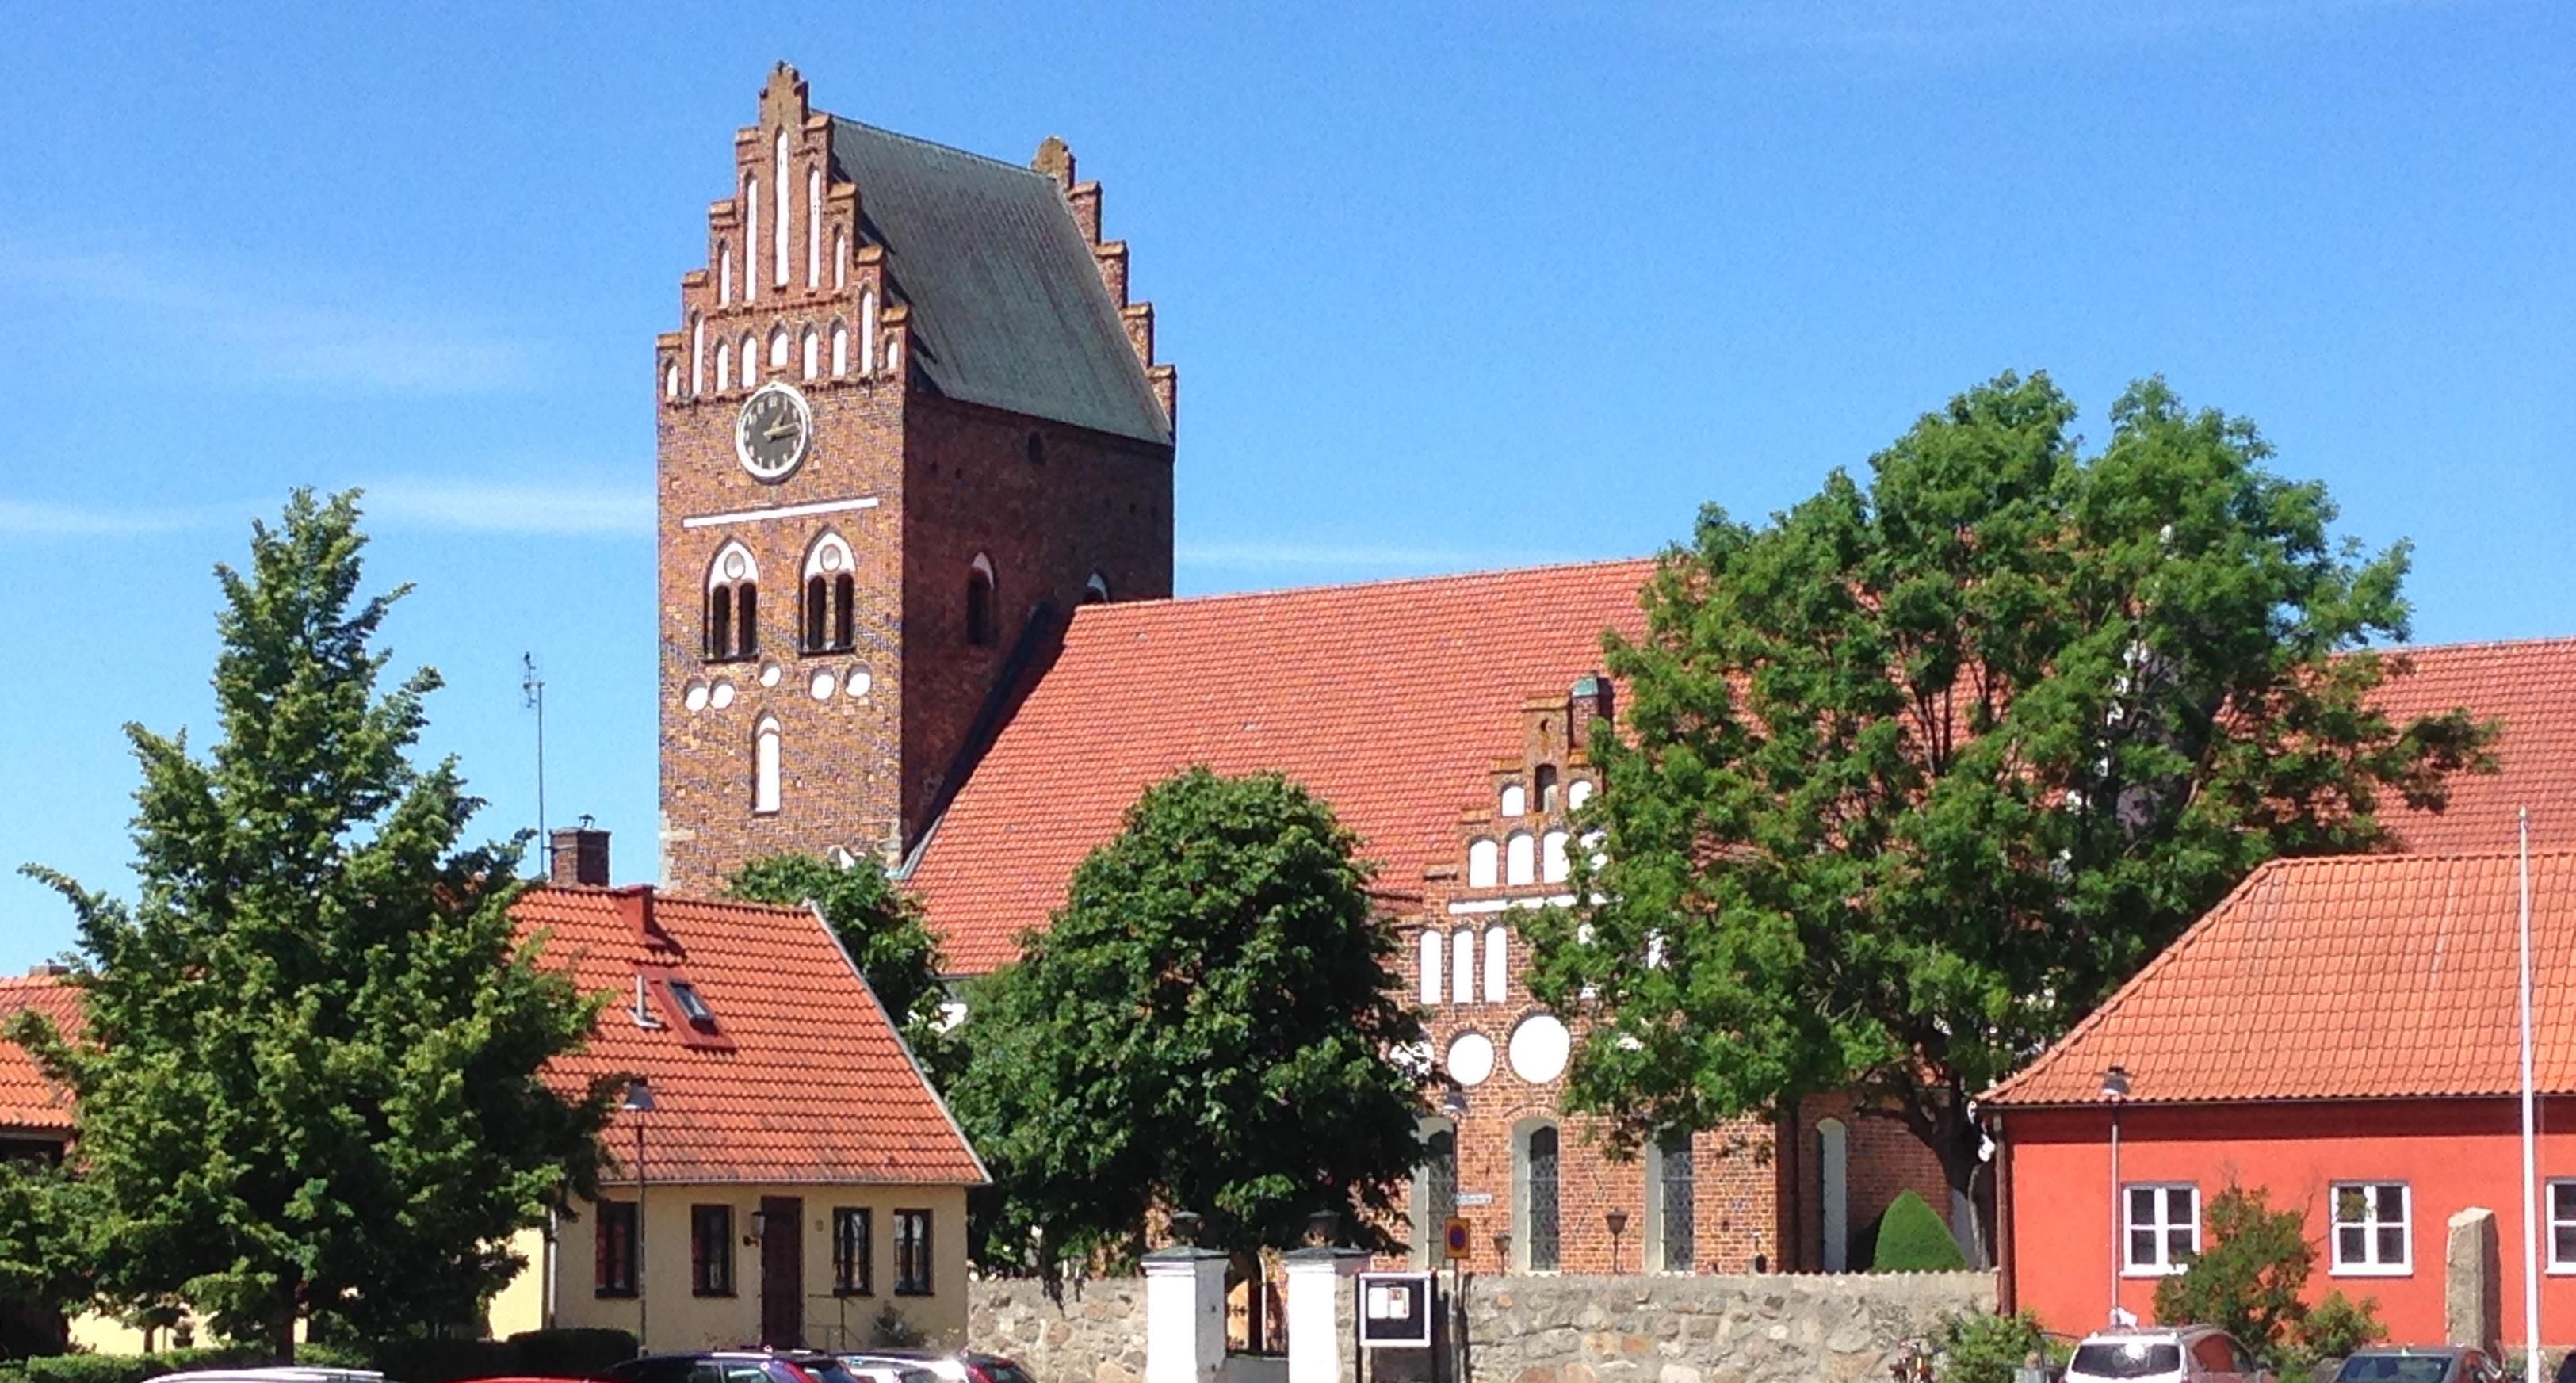 Från 1 mars 2018 och cirka ett år framåt pågår renovering av Åhus S:ta Maria kyrka.